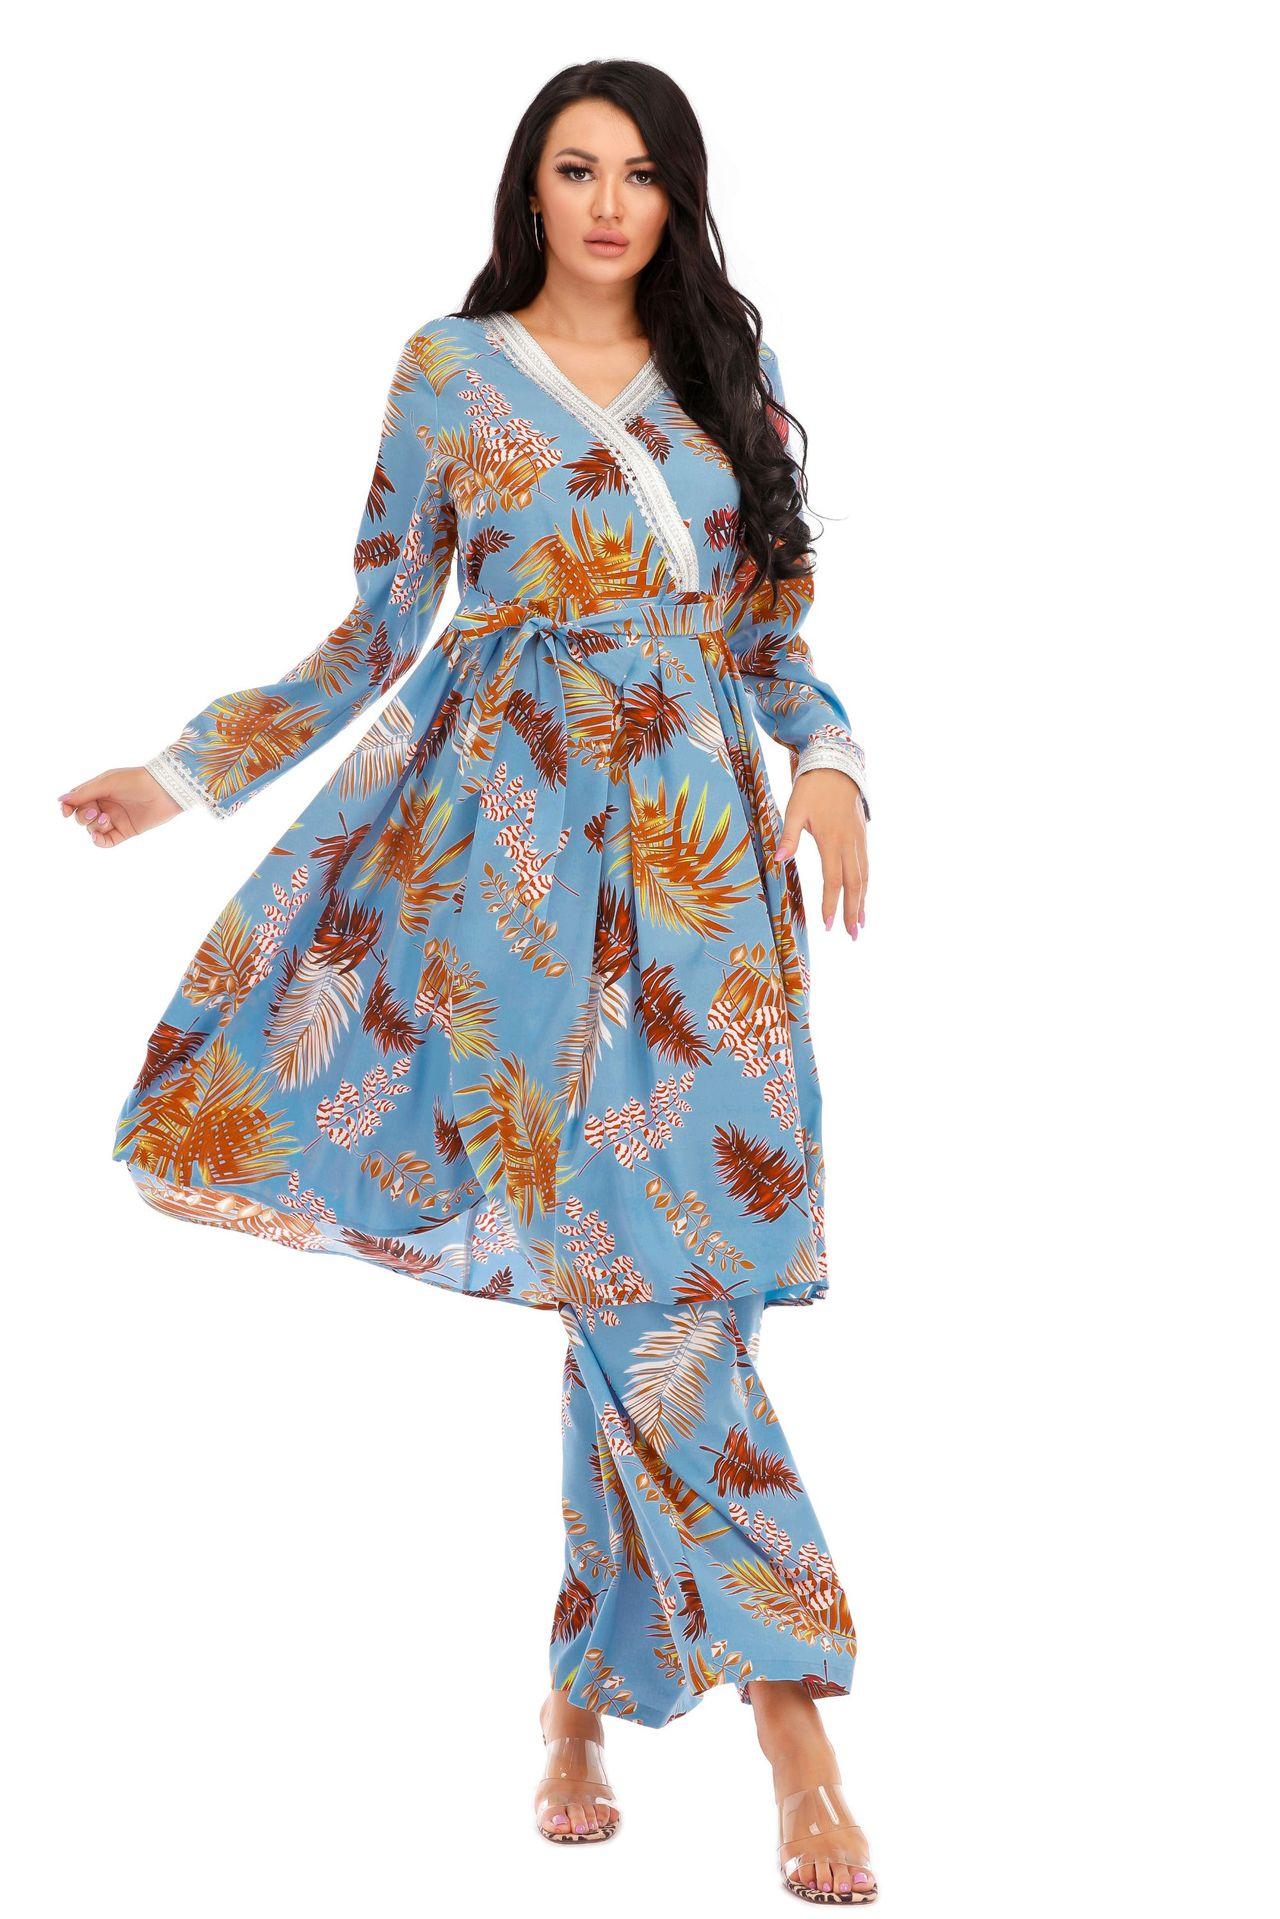 Новый стиль, свободная плиссированная свежая и модная Турецкая мусульманская модная одежда Дубая, одежда Lslamic, костюм из двух частей